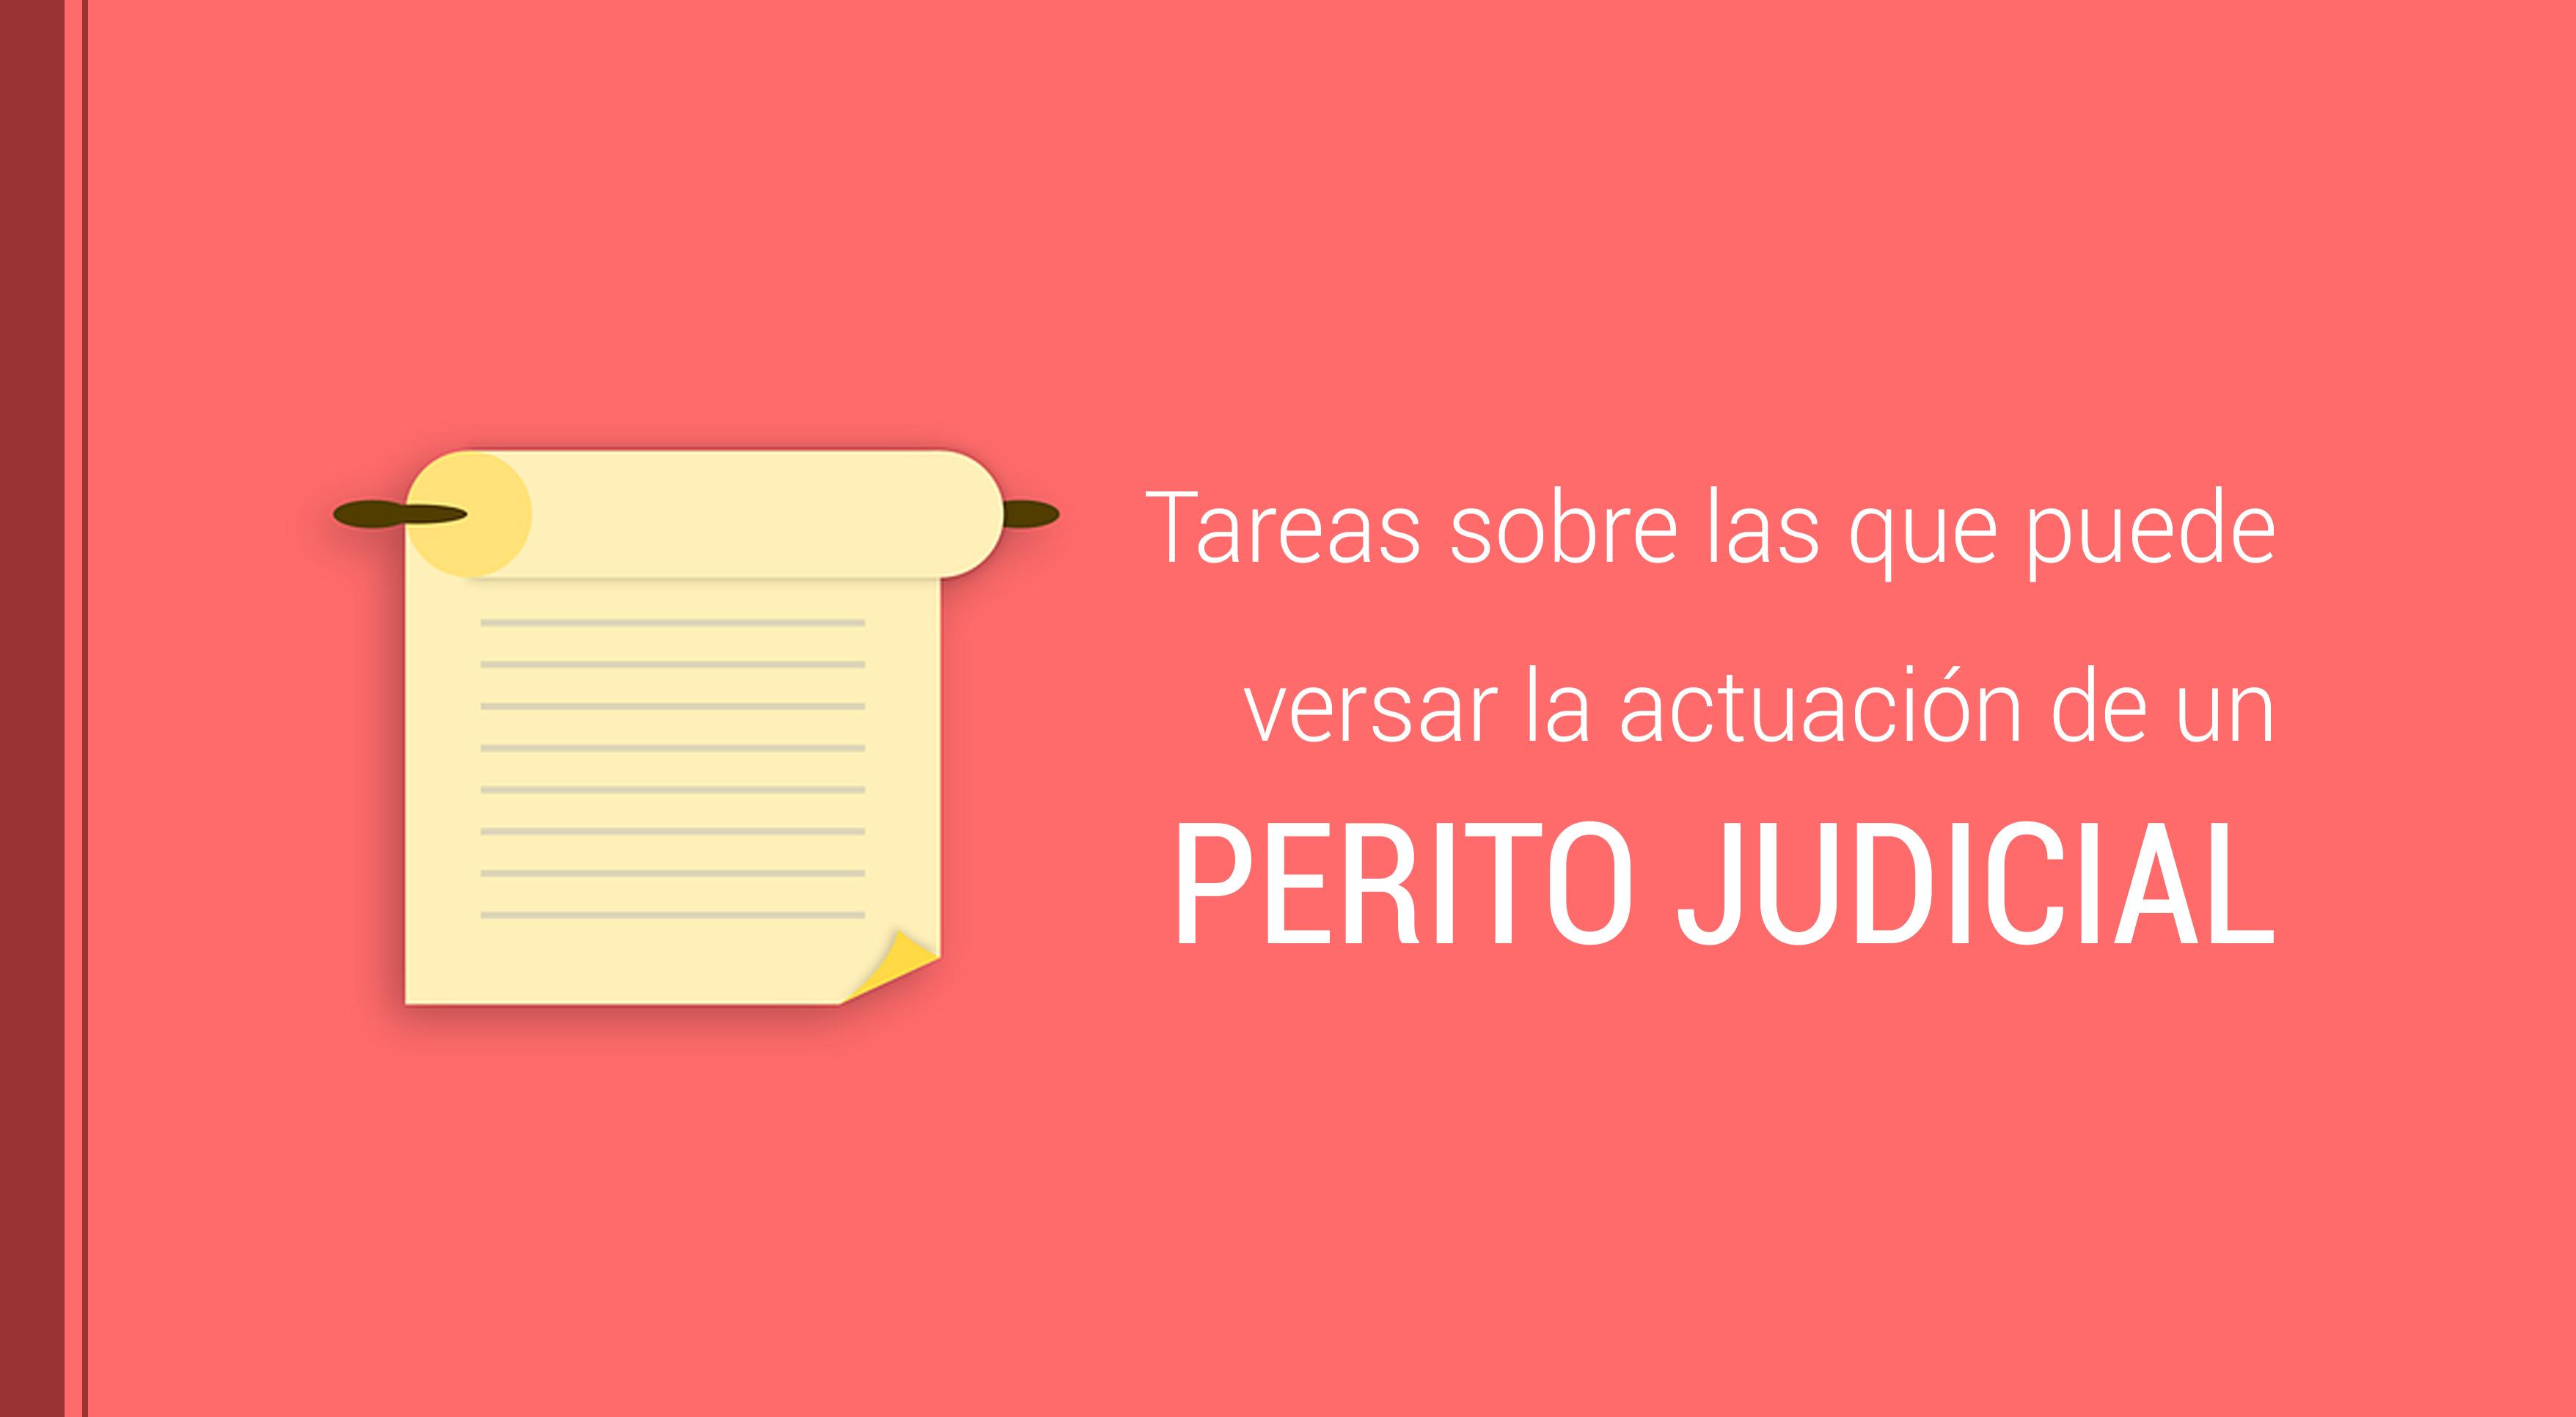 tareas-actuacion-perito-judicial Tareas sobre las que puede versar la actuación de un perito judicial